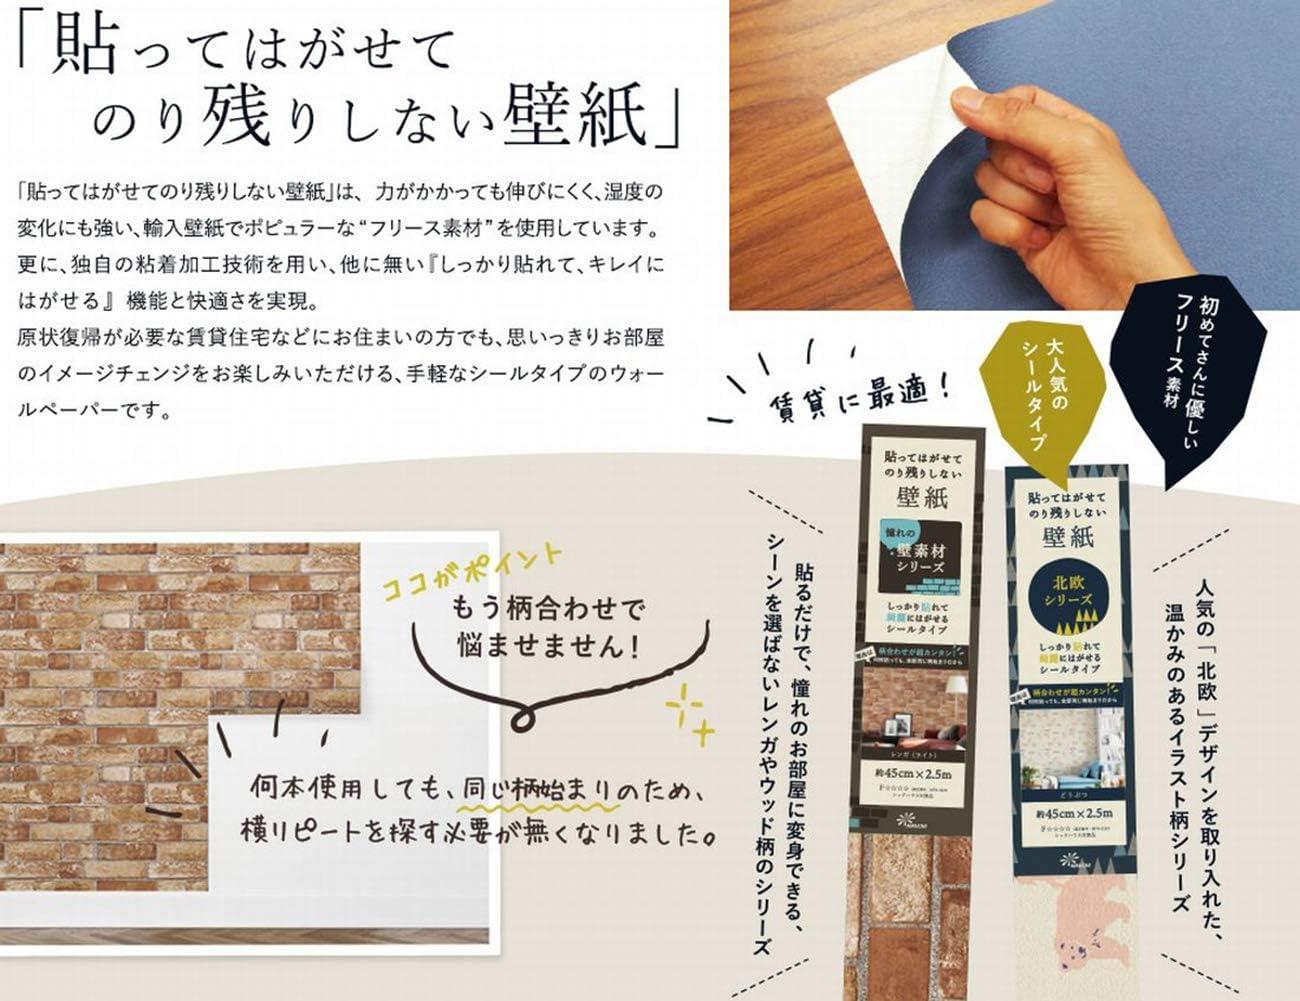 菊池襖紙工業の壁紙の特徴 画像